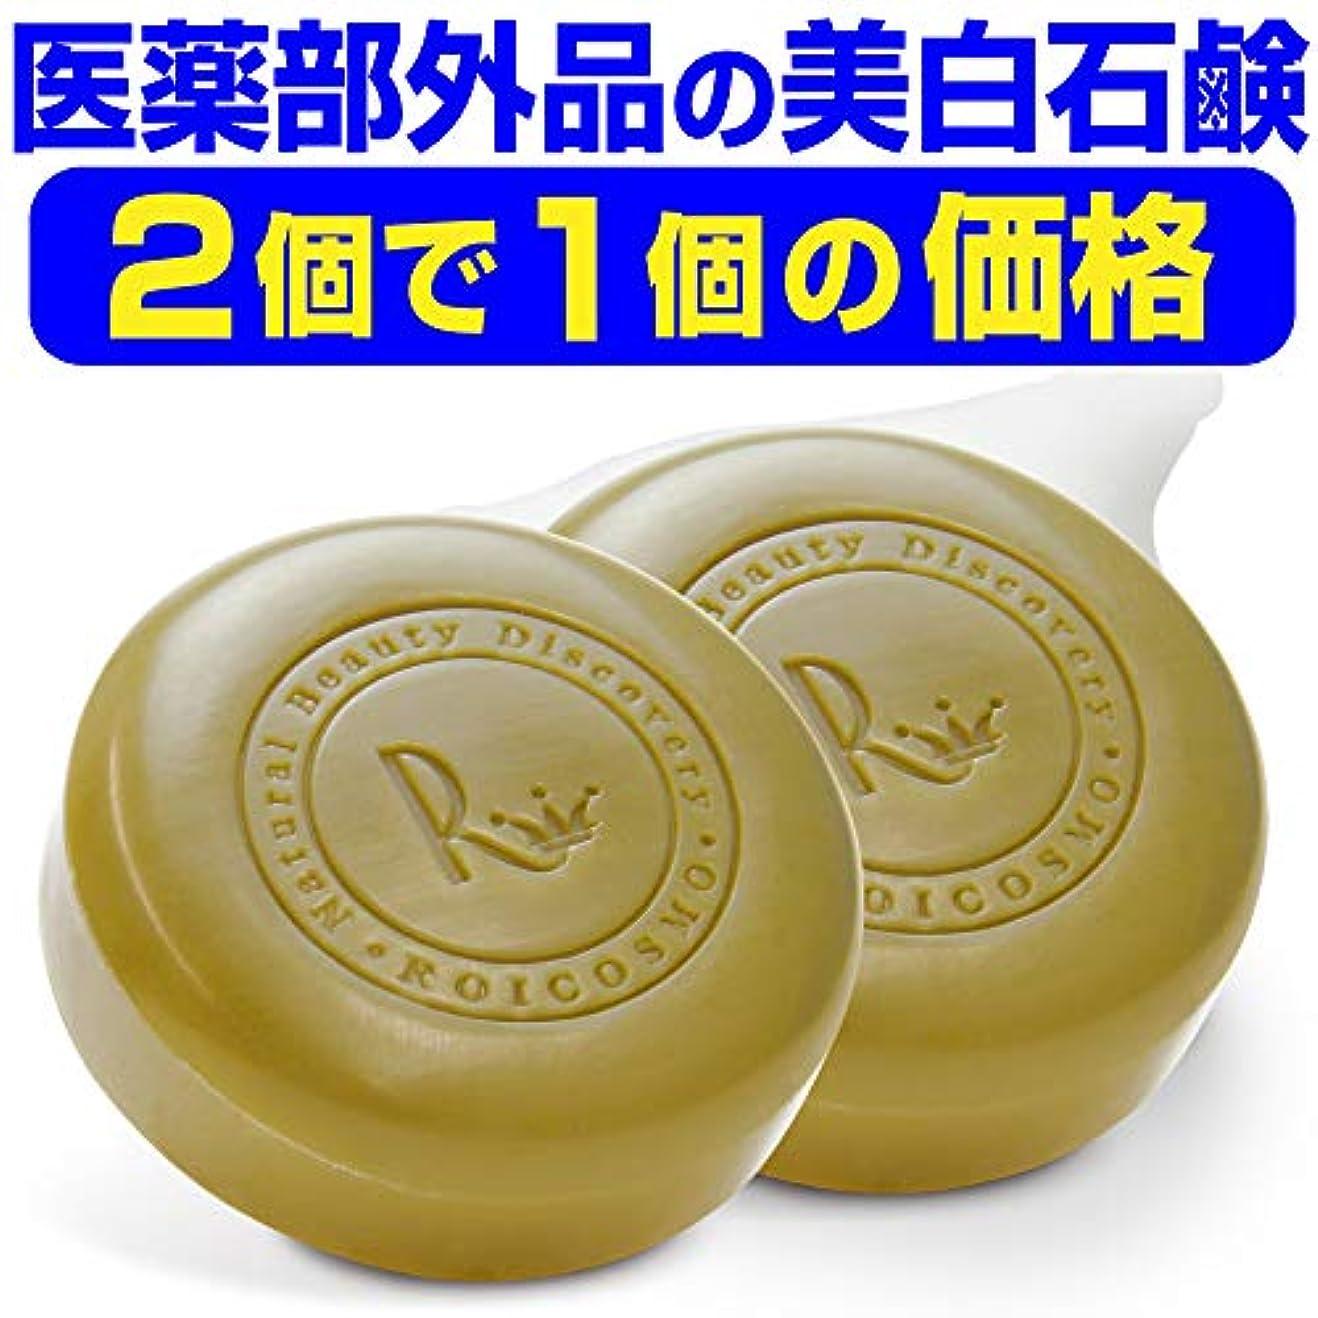 ママる誰の2個まとめ買い9%OFF 美白石鹸/ビタミンC270倍の美白成分配合の 洗顔石鹸 固形『ホワイトソープ100g×2個』